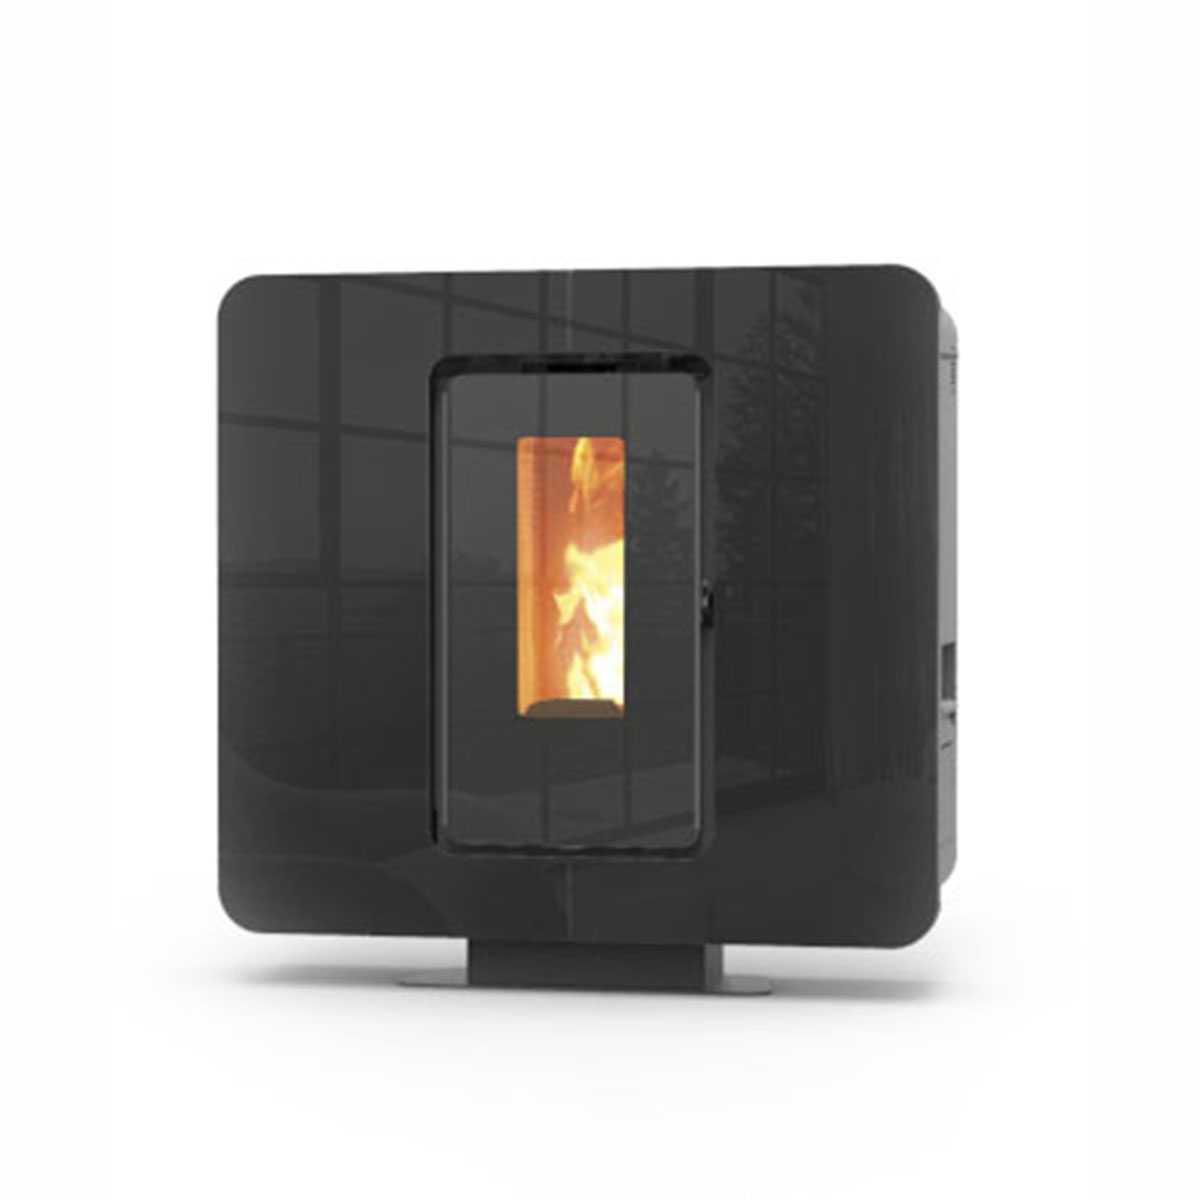 Stufa a pellet modello 'SlimQuadro 9 Cristallo' nera by Thermorossi 9,8 kW con bruciatore in ghisa pesante